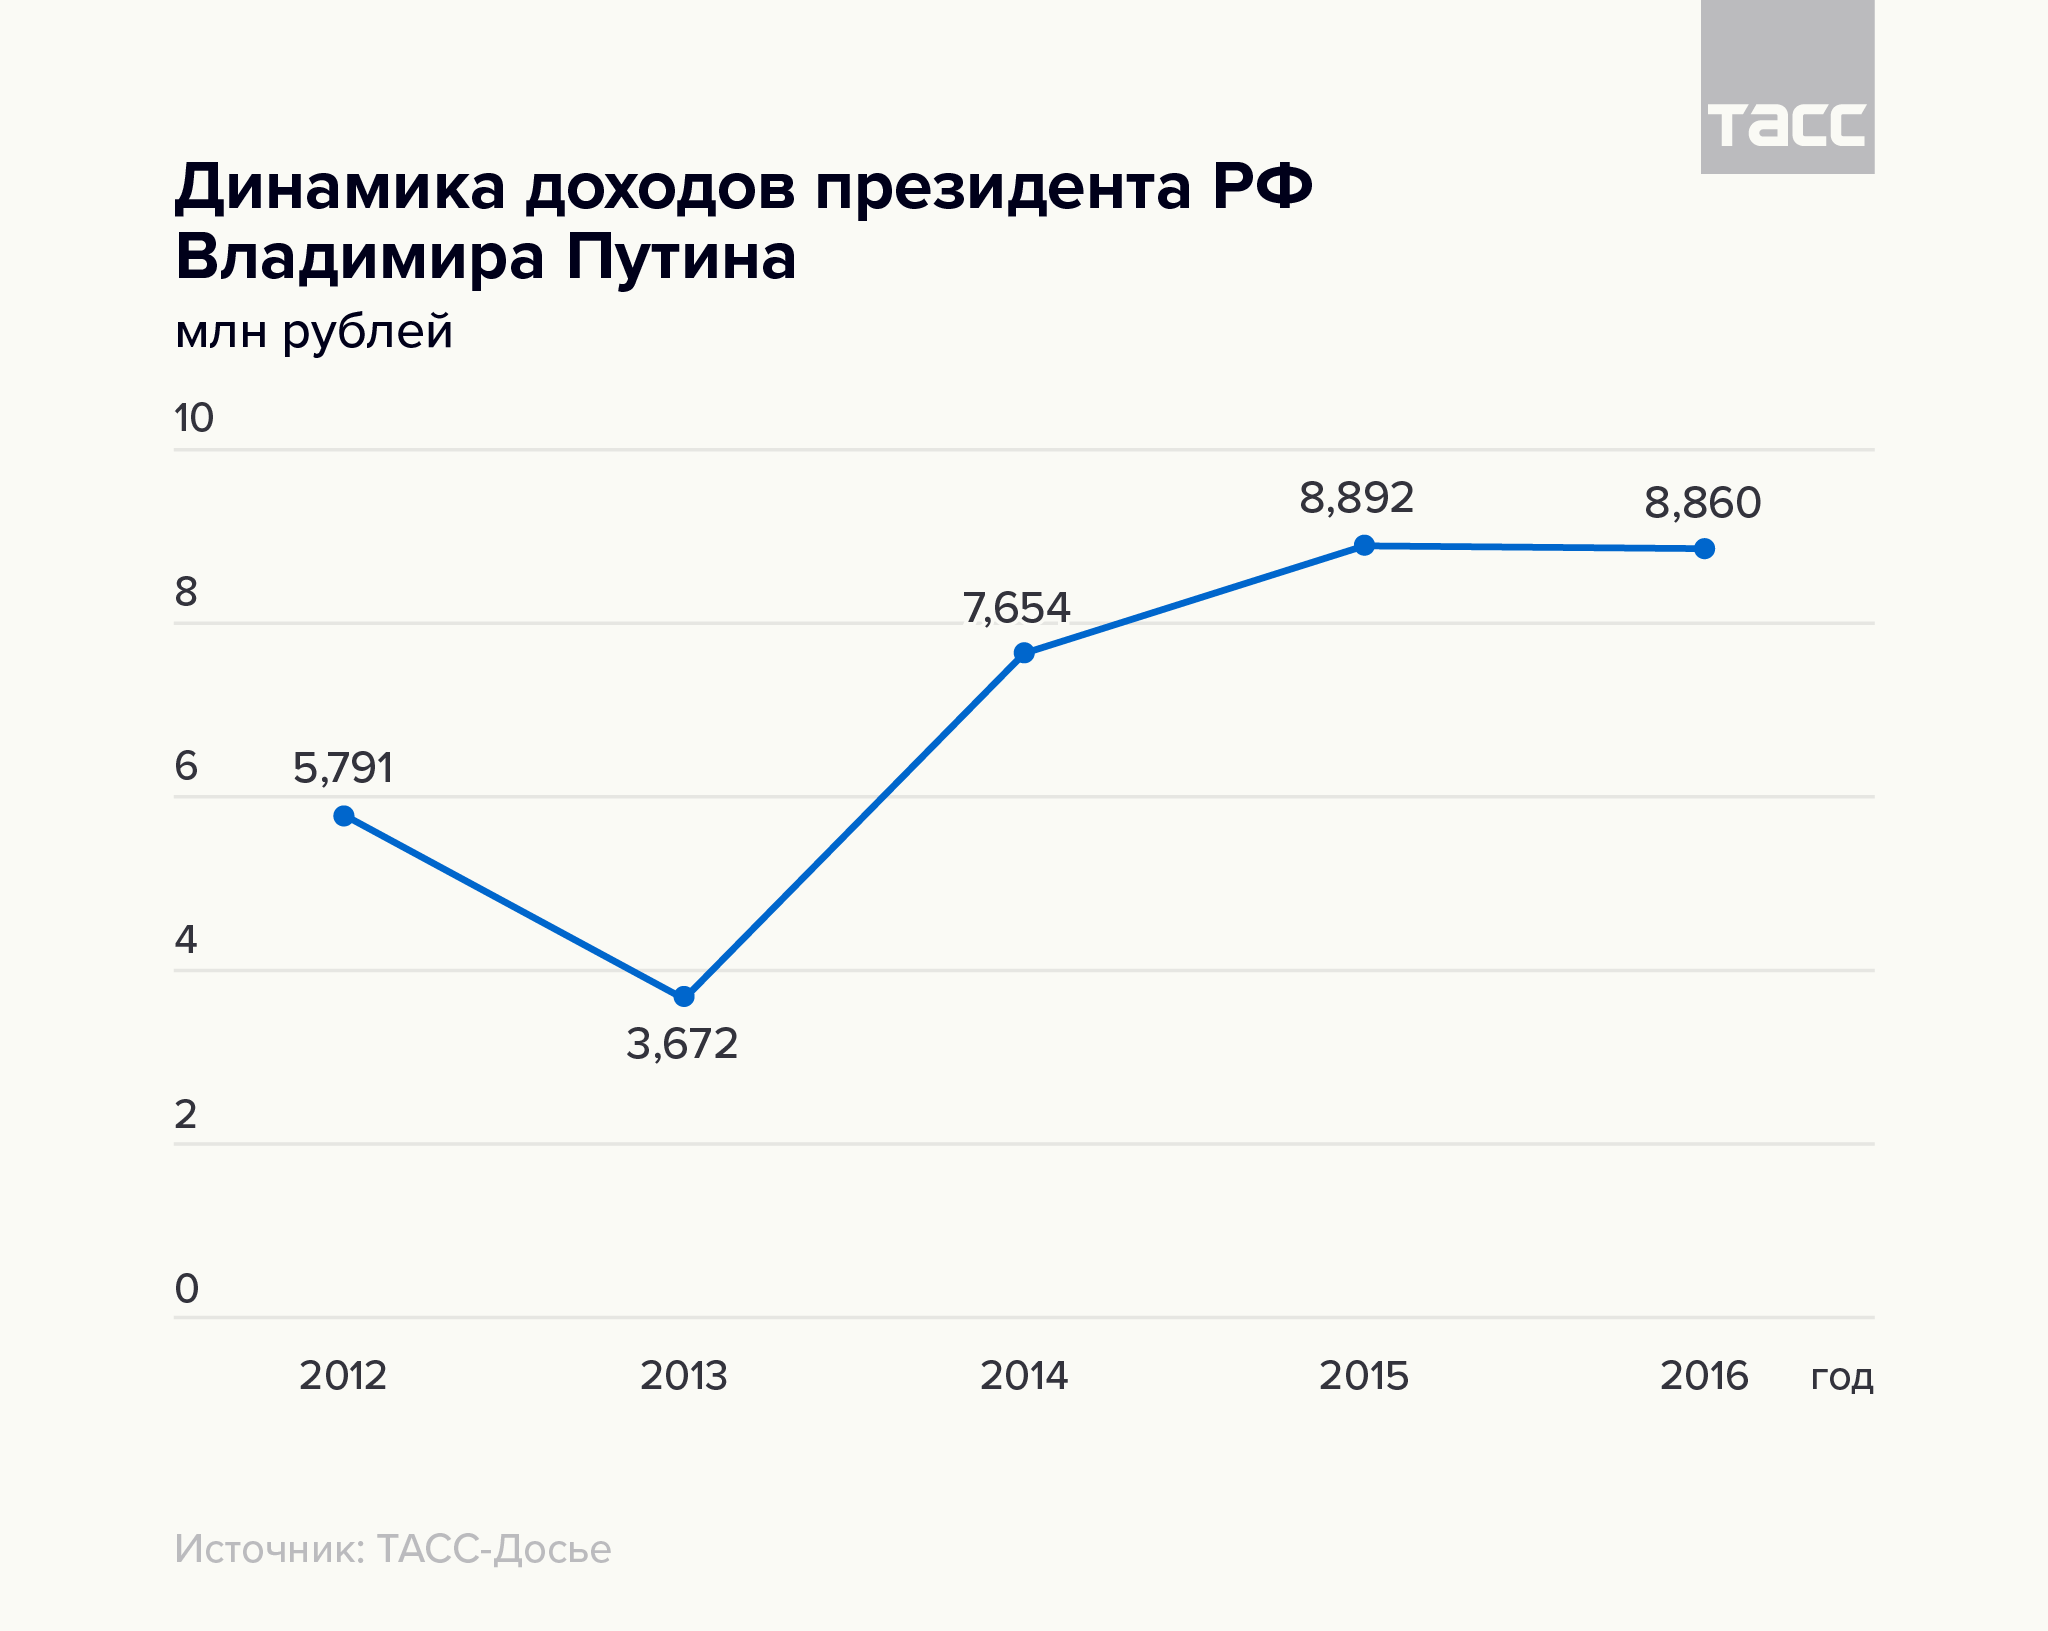 Динамика доходов президента РФ Владимира Путина